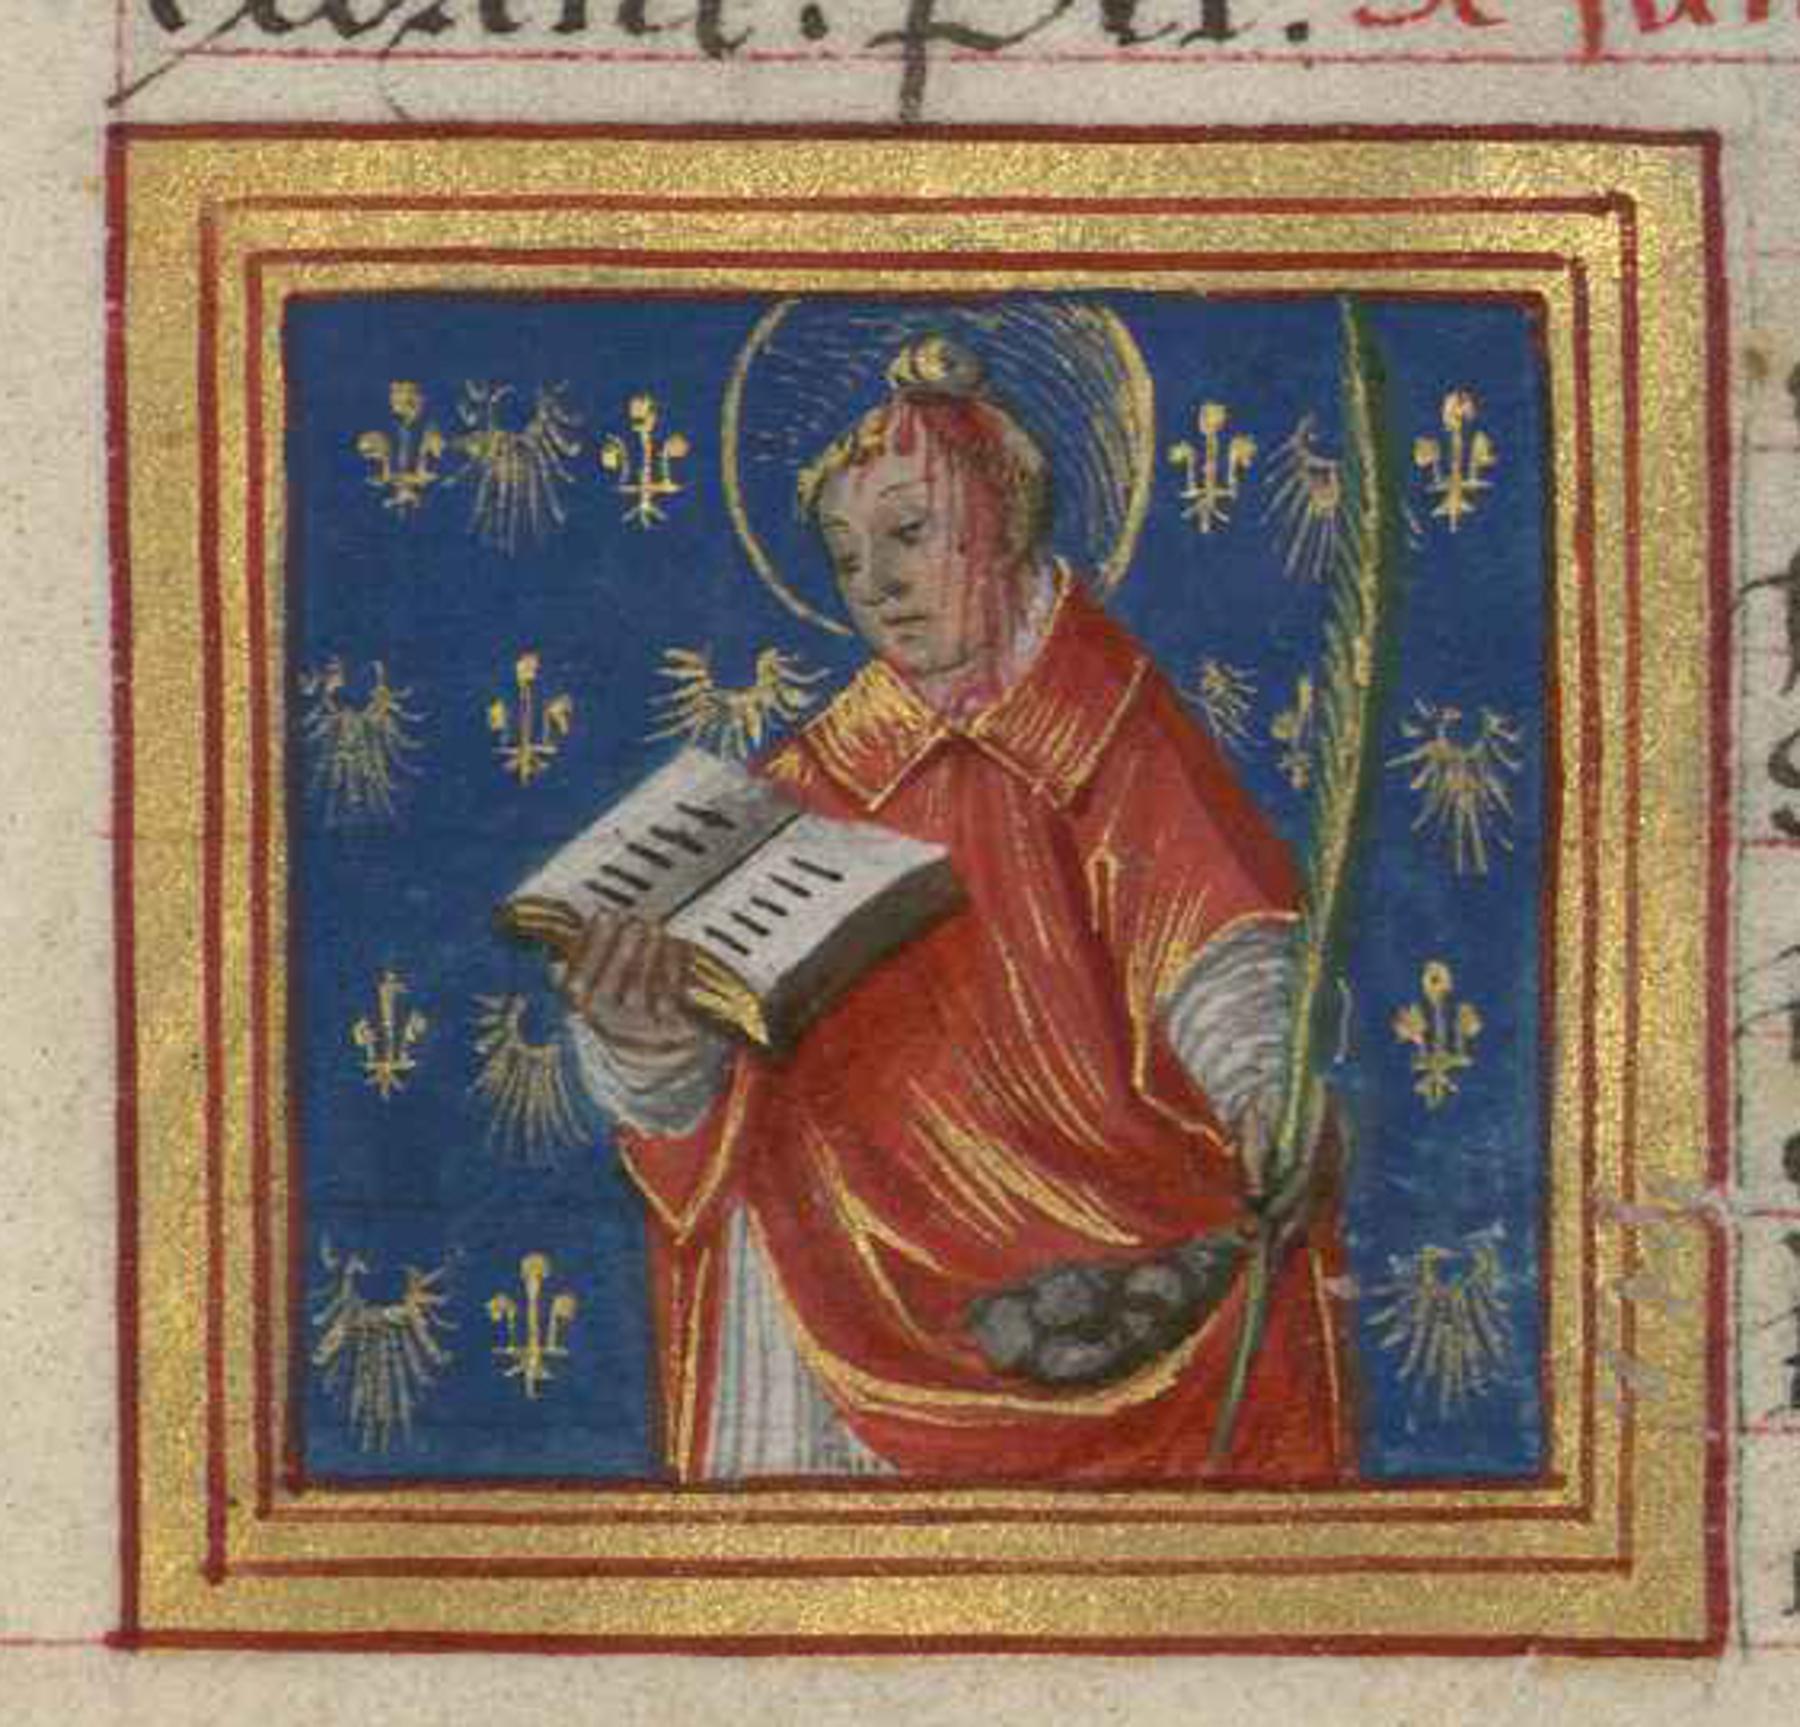 Contenu du Saint Etienne